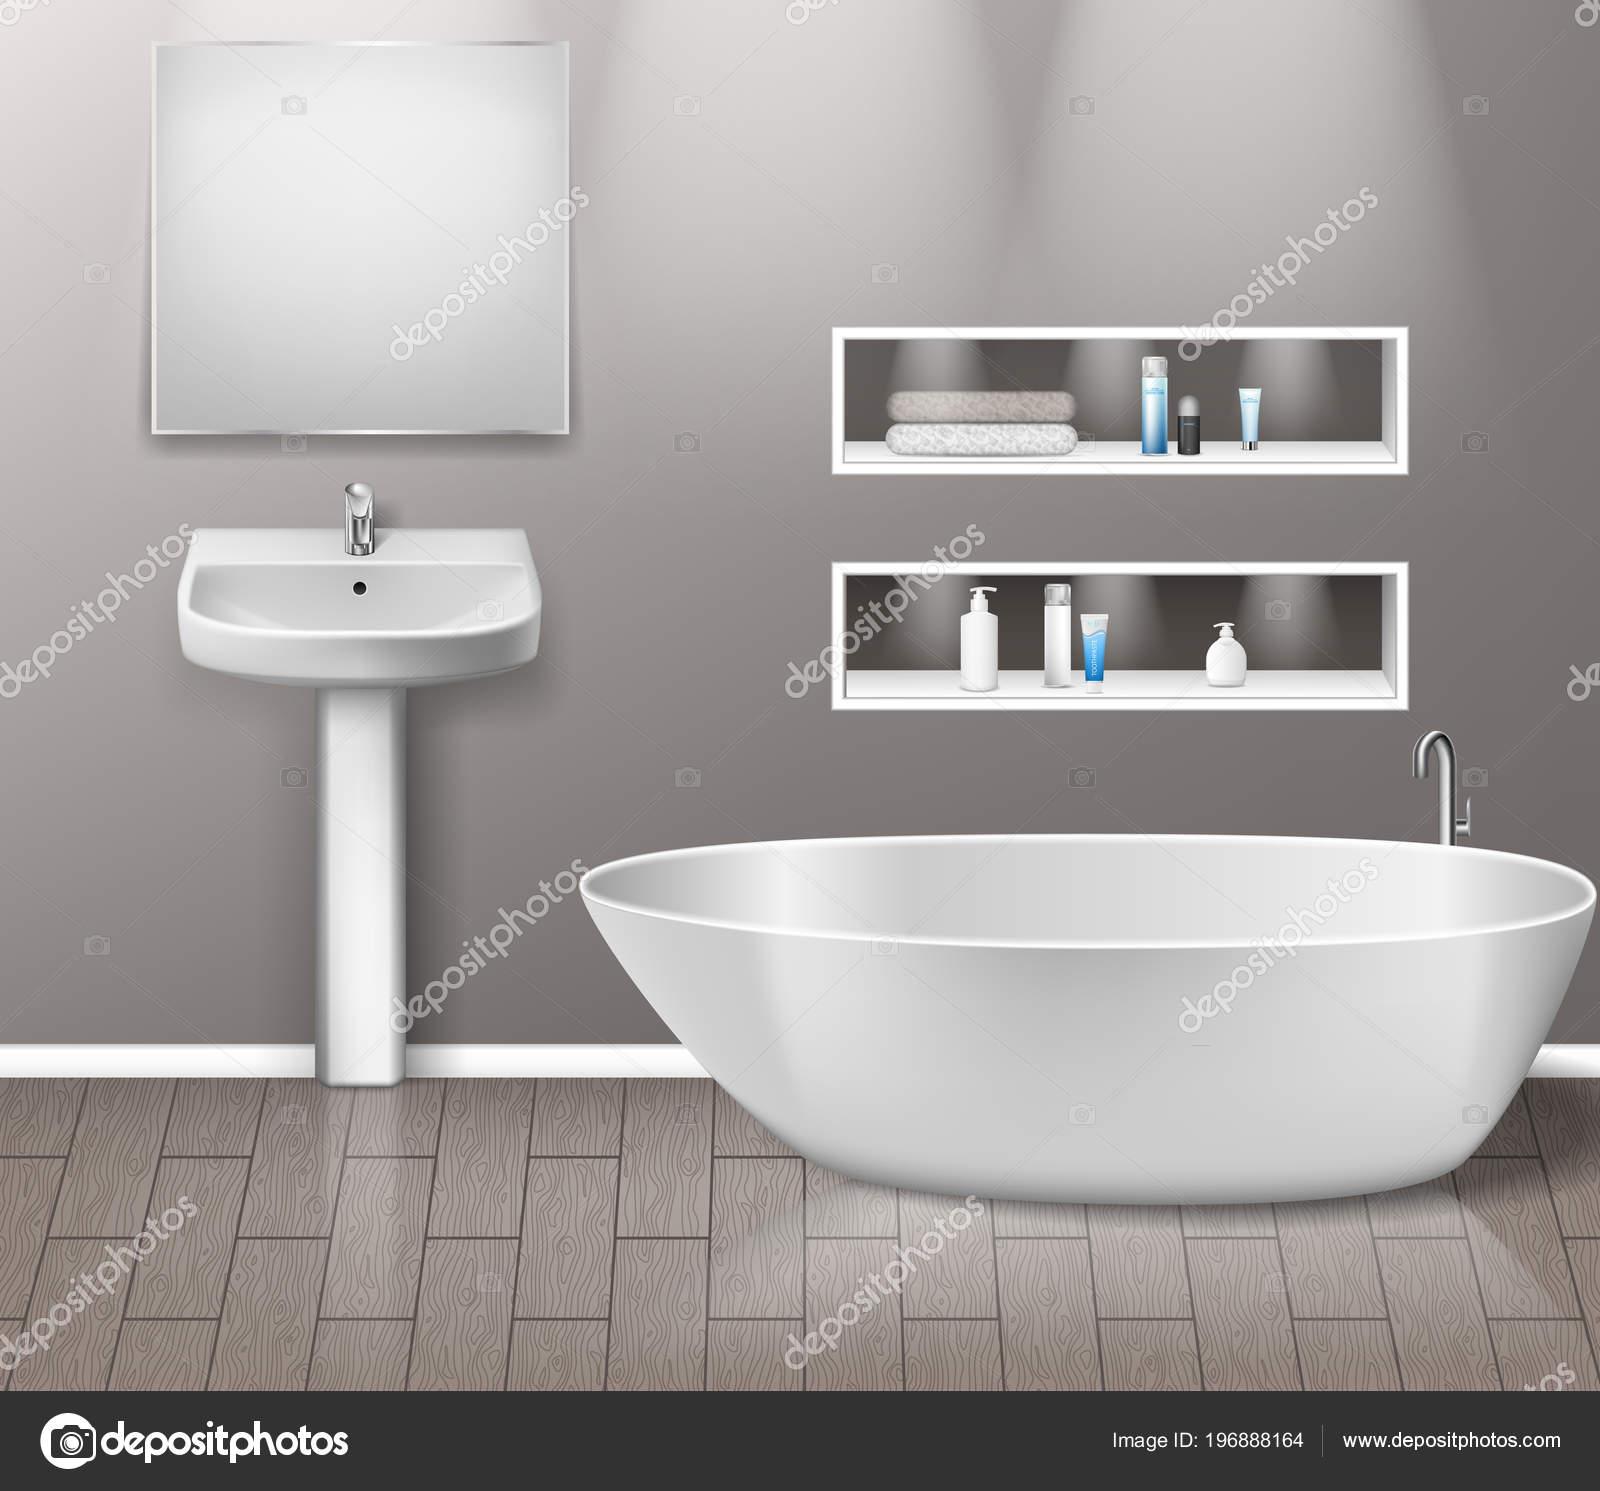 Realiste De Salle Bain Mobilier Interieur Avec Elements Lavabo Miroir Etageres Baignoire Et Decor